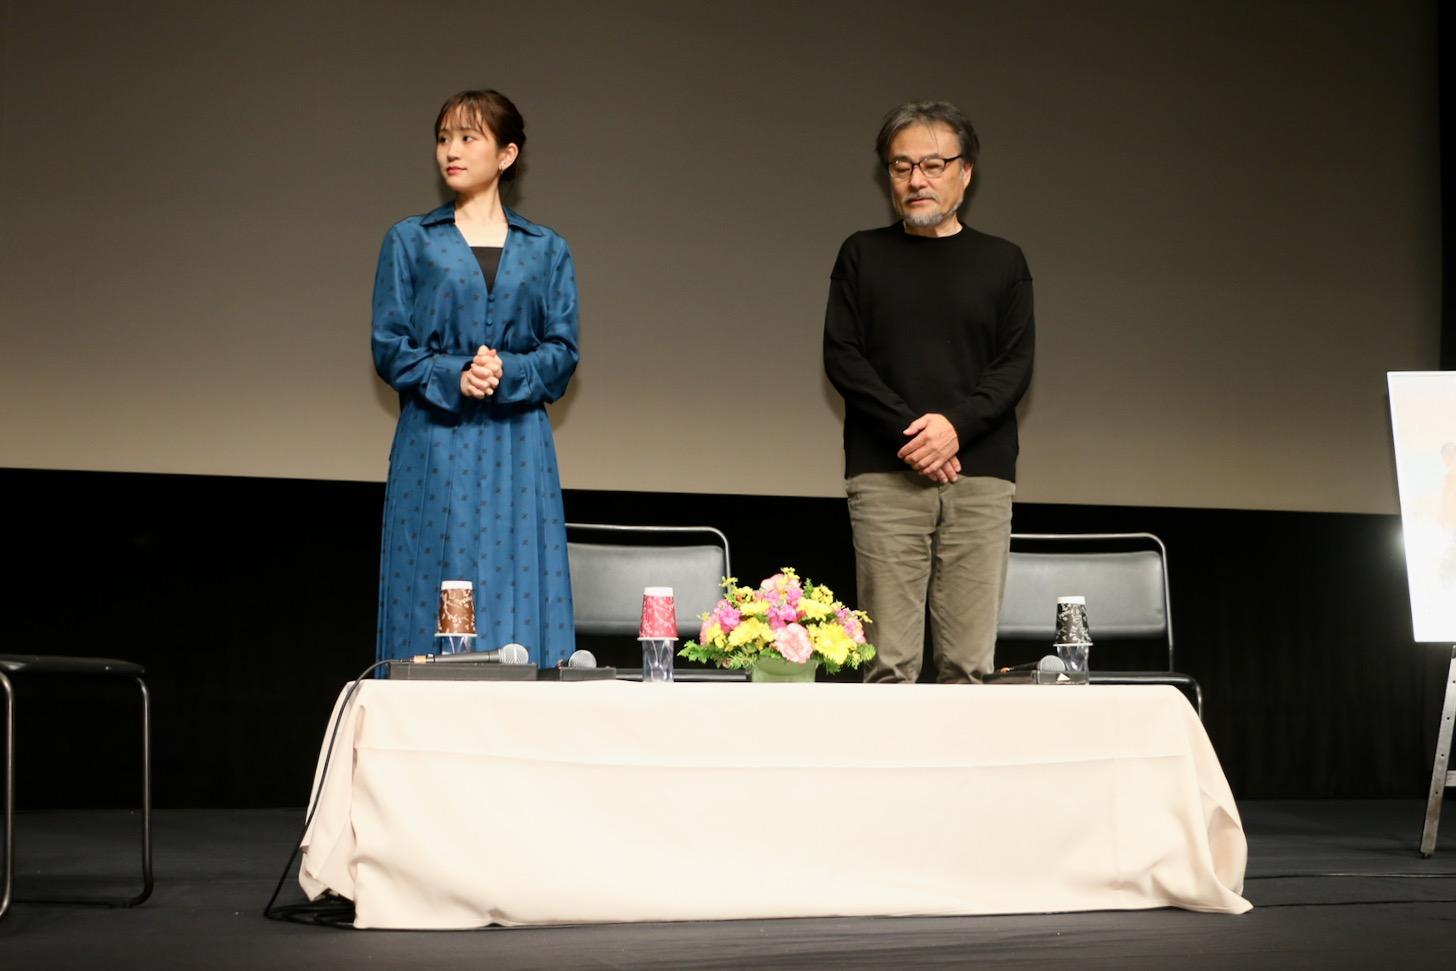 前田敦子さんち黒沢清監督 第29回映画祭TAMA CINEMA FORUM